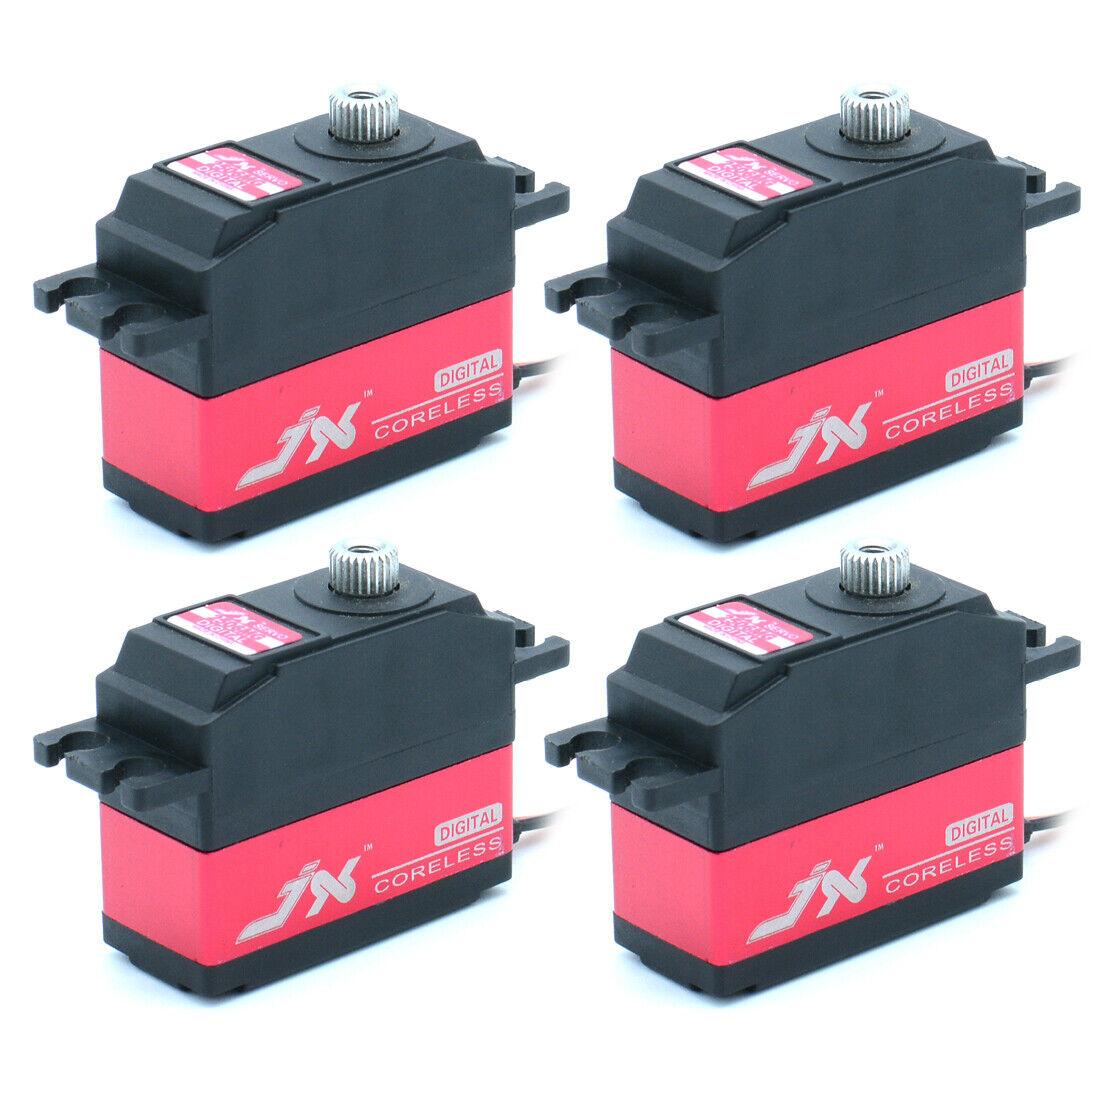 produttori fornitura diretta JX Servo PDI-2506MG 25g Metal Miniature Miniature Miniature Servo Digital Servo CNC Aluminum Shell  buona qualità